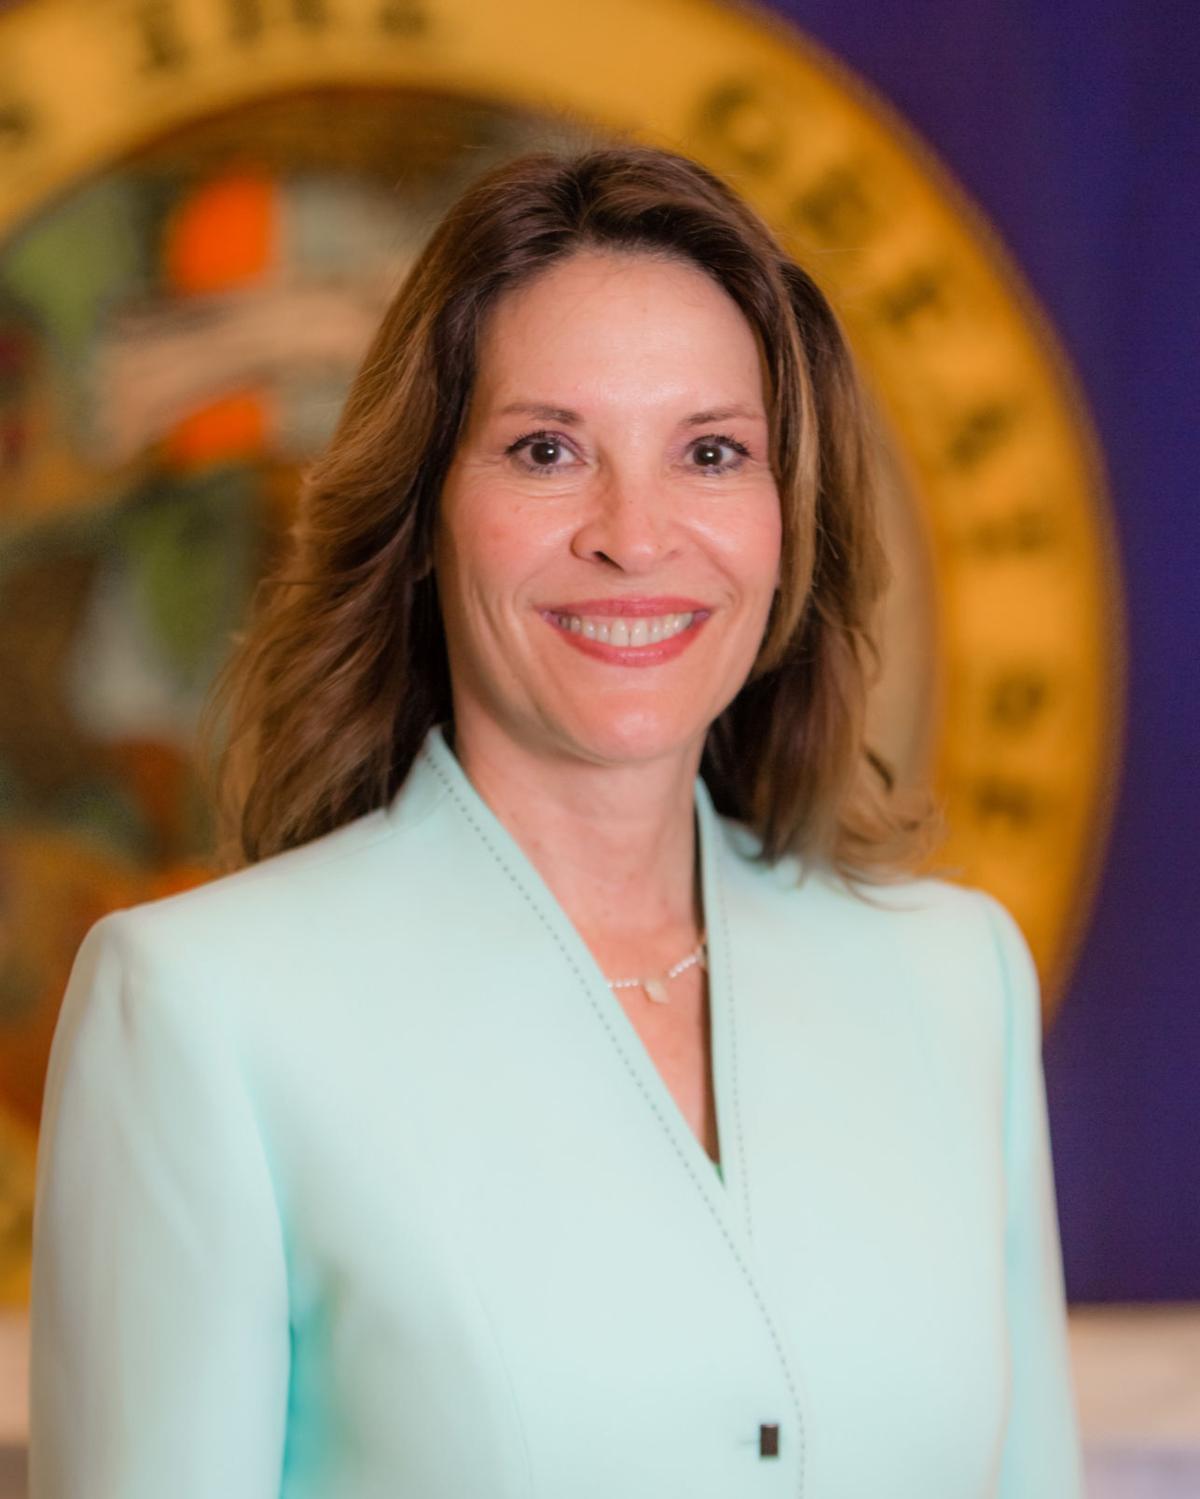 Janice McGeachin